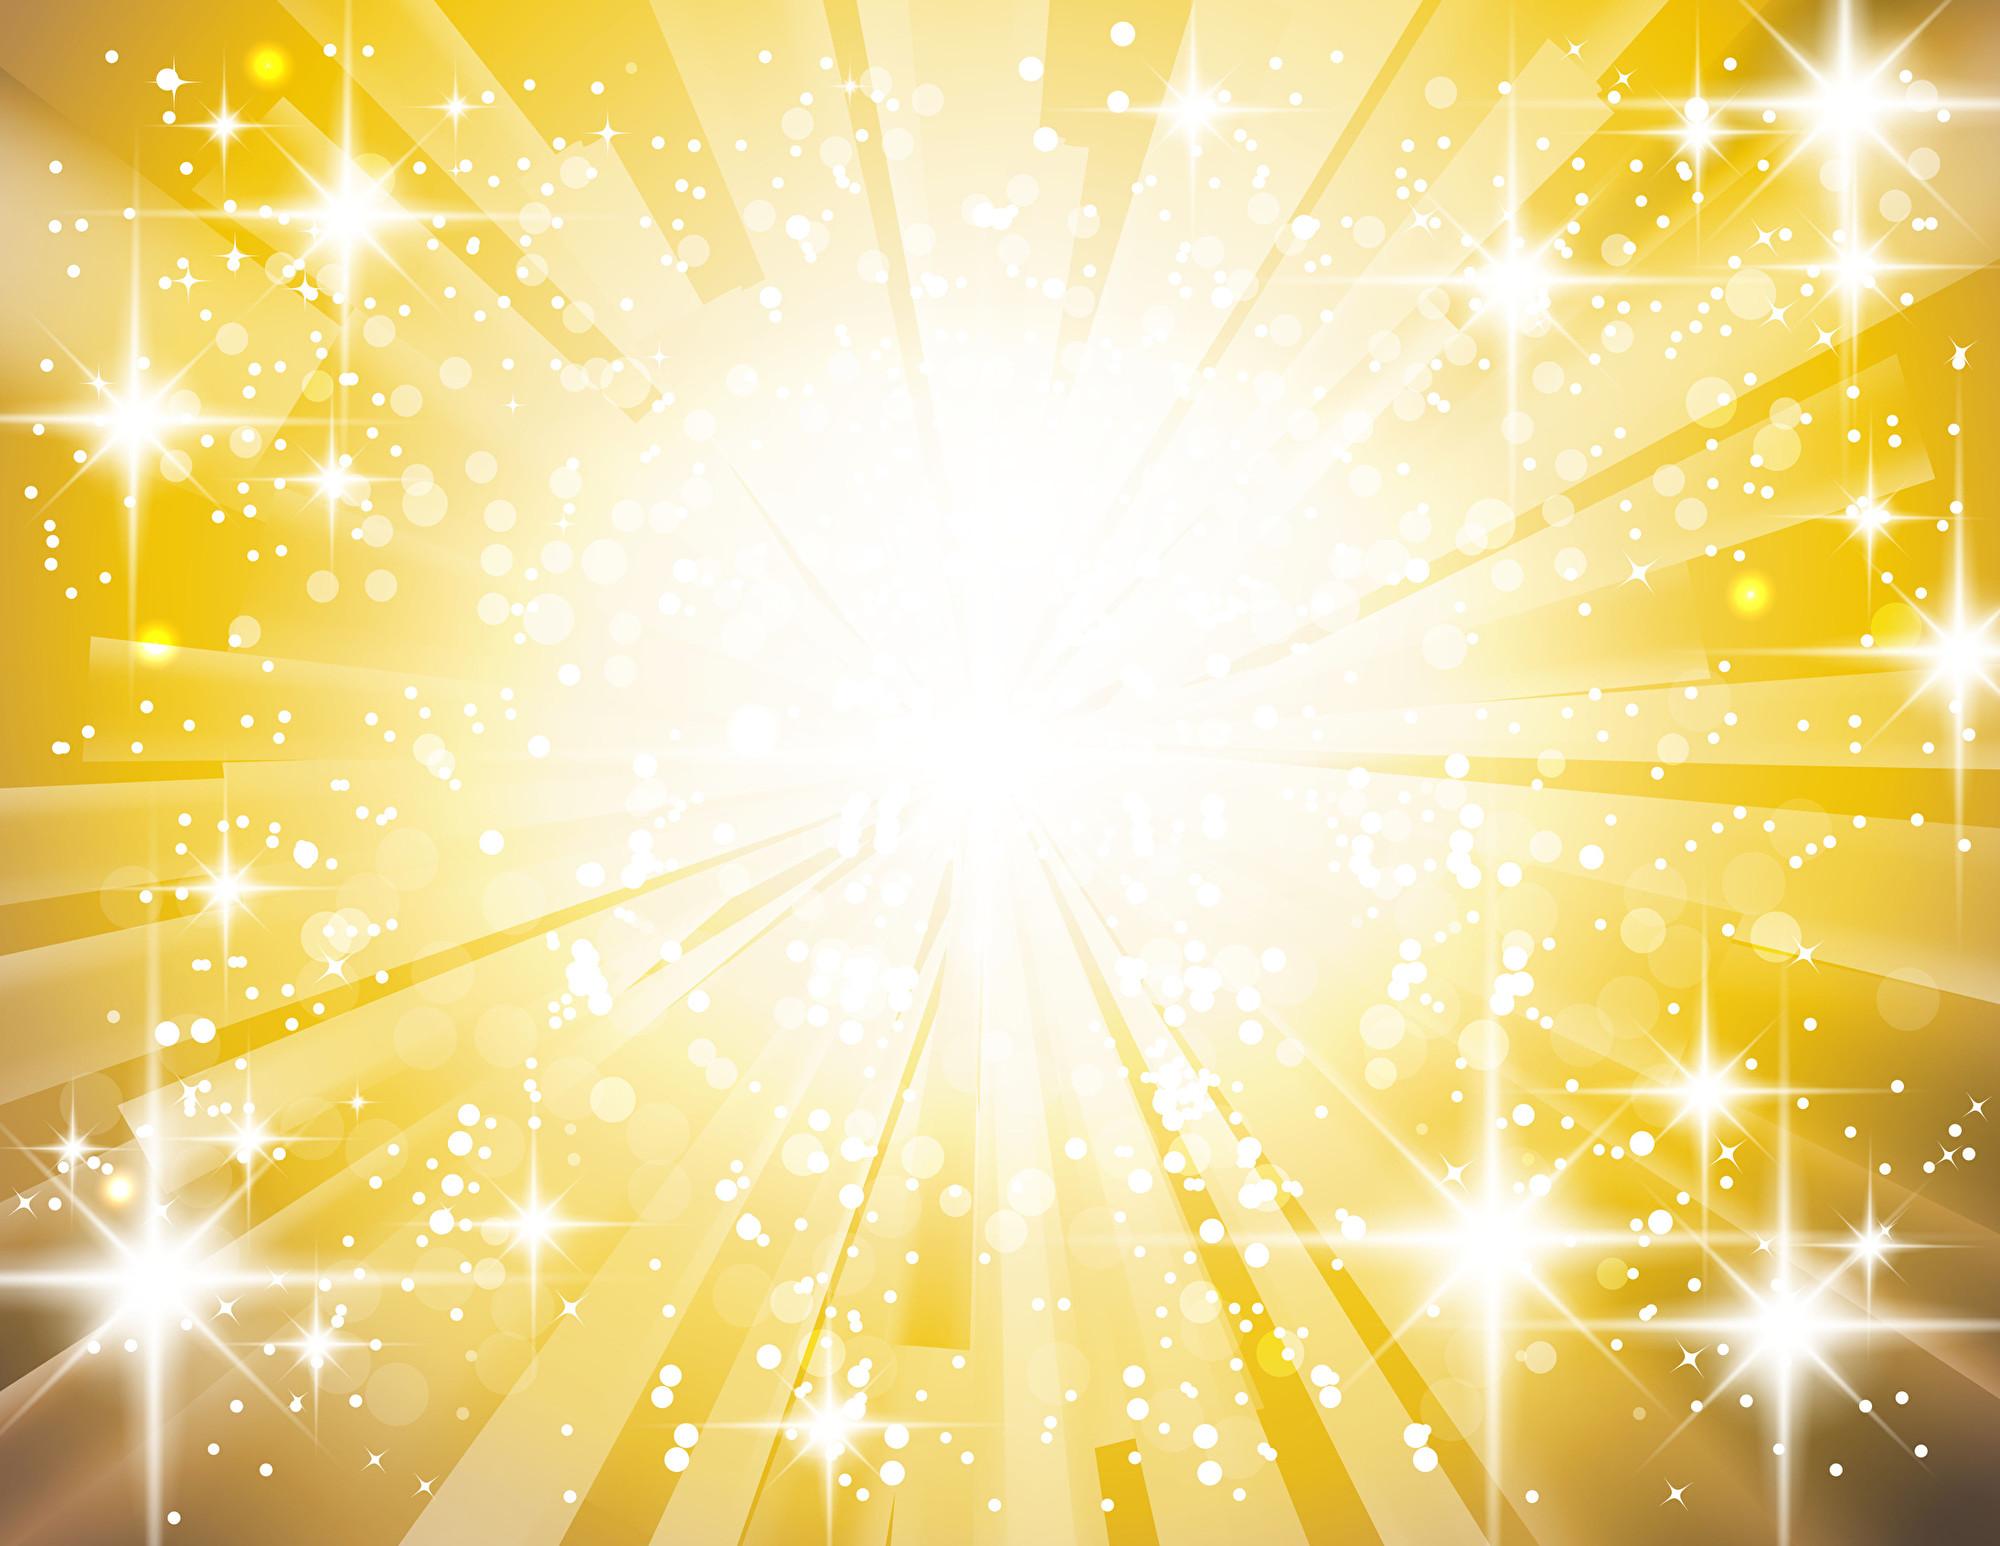 菲律賓蘇祿省在6月30日晚上出現神祕光柱。圖為金光閃耀的示意圖,與本文無關。(Fotolia)